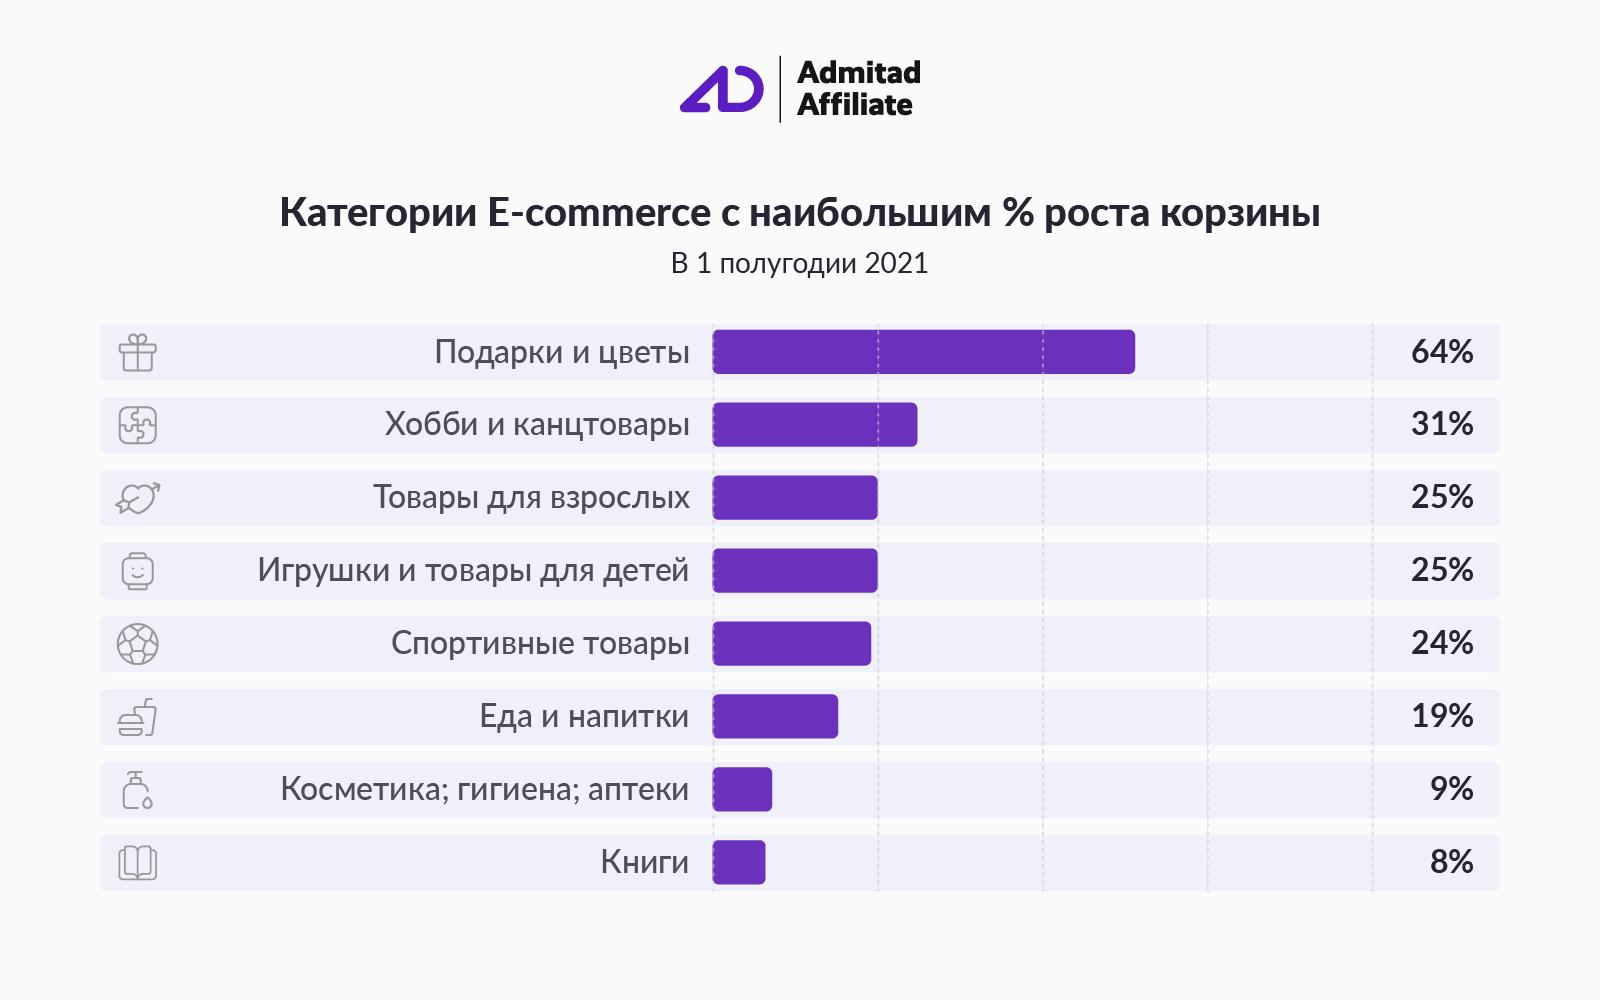 самые популярные товары в онлайне среди россиян